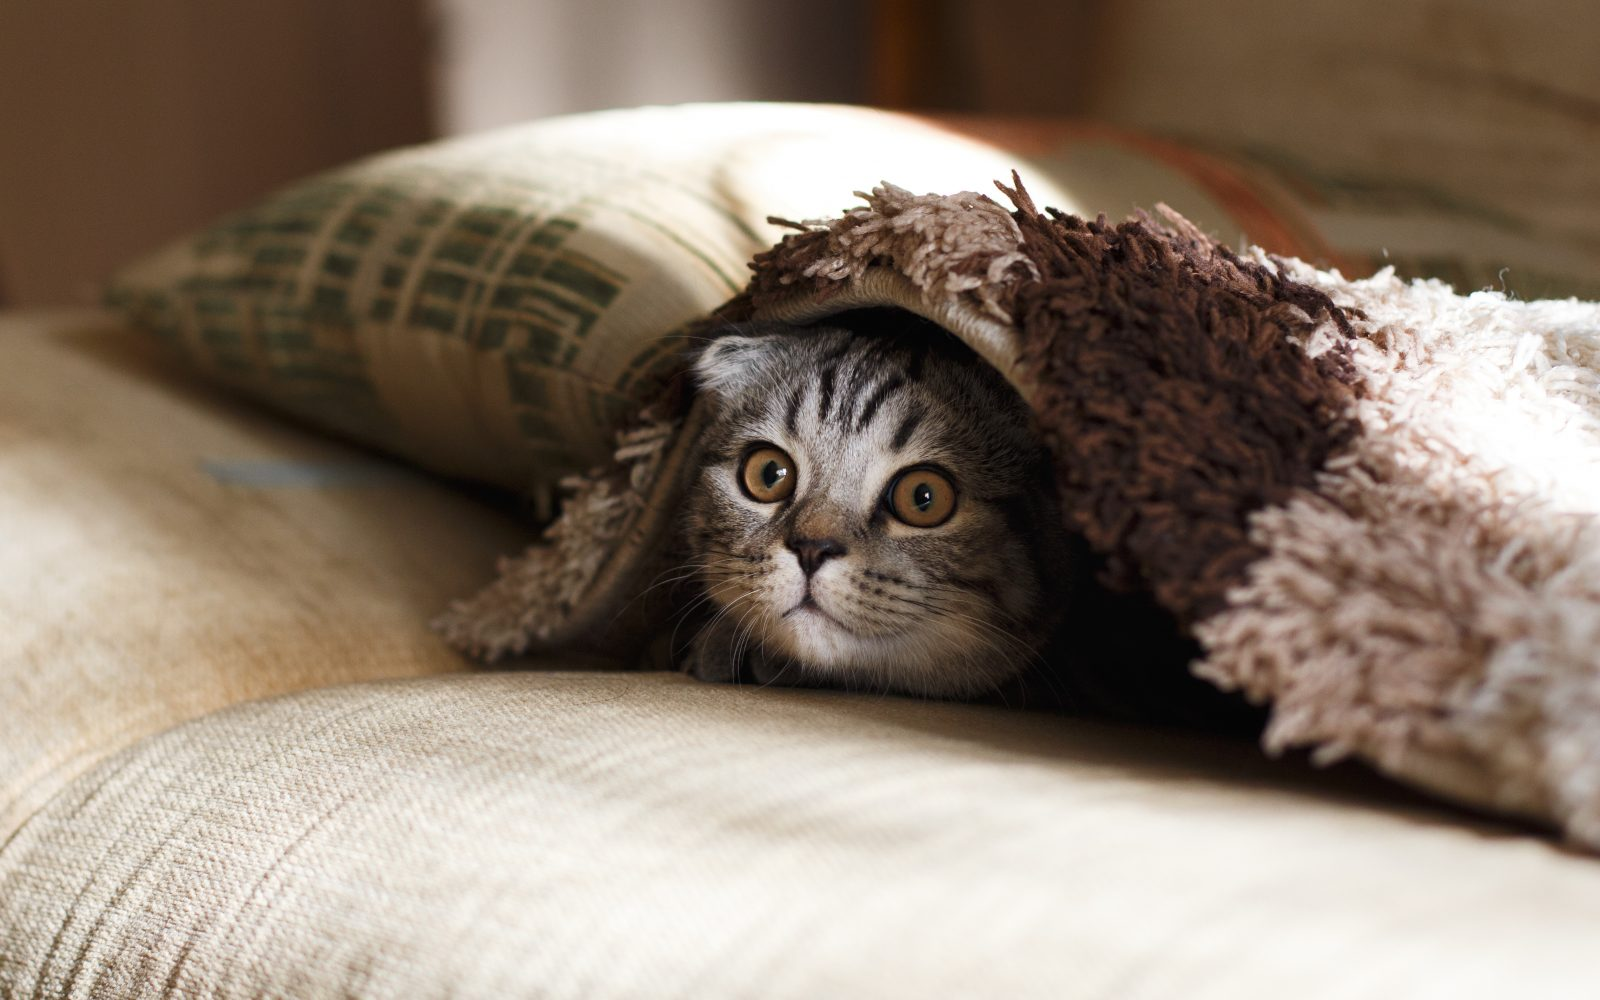 Arbre A Chat A Faire Maison diy] comment faire son arbre à chat soi-même ? | musée du parfum